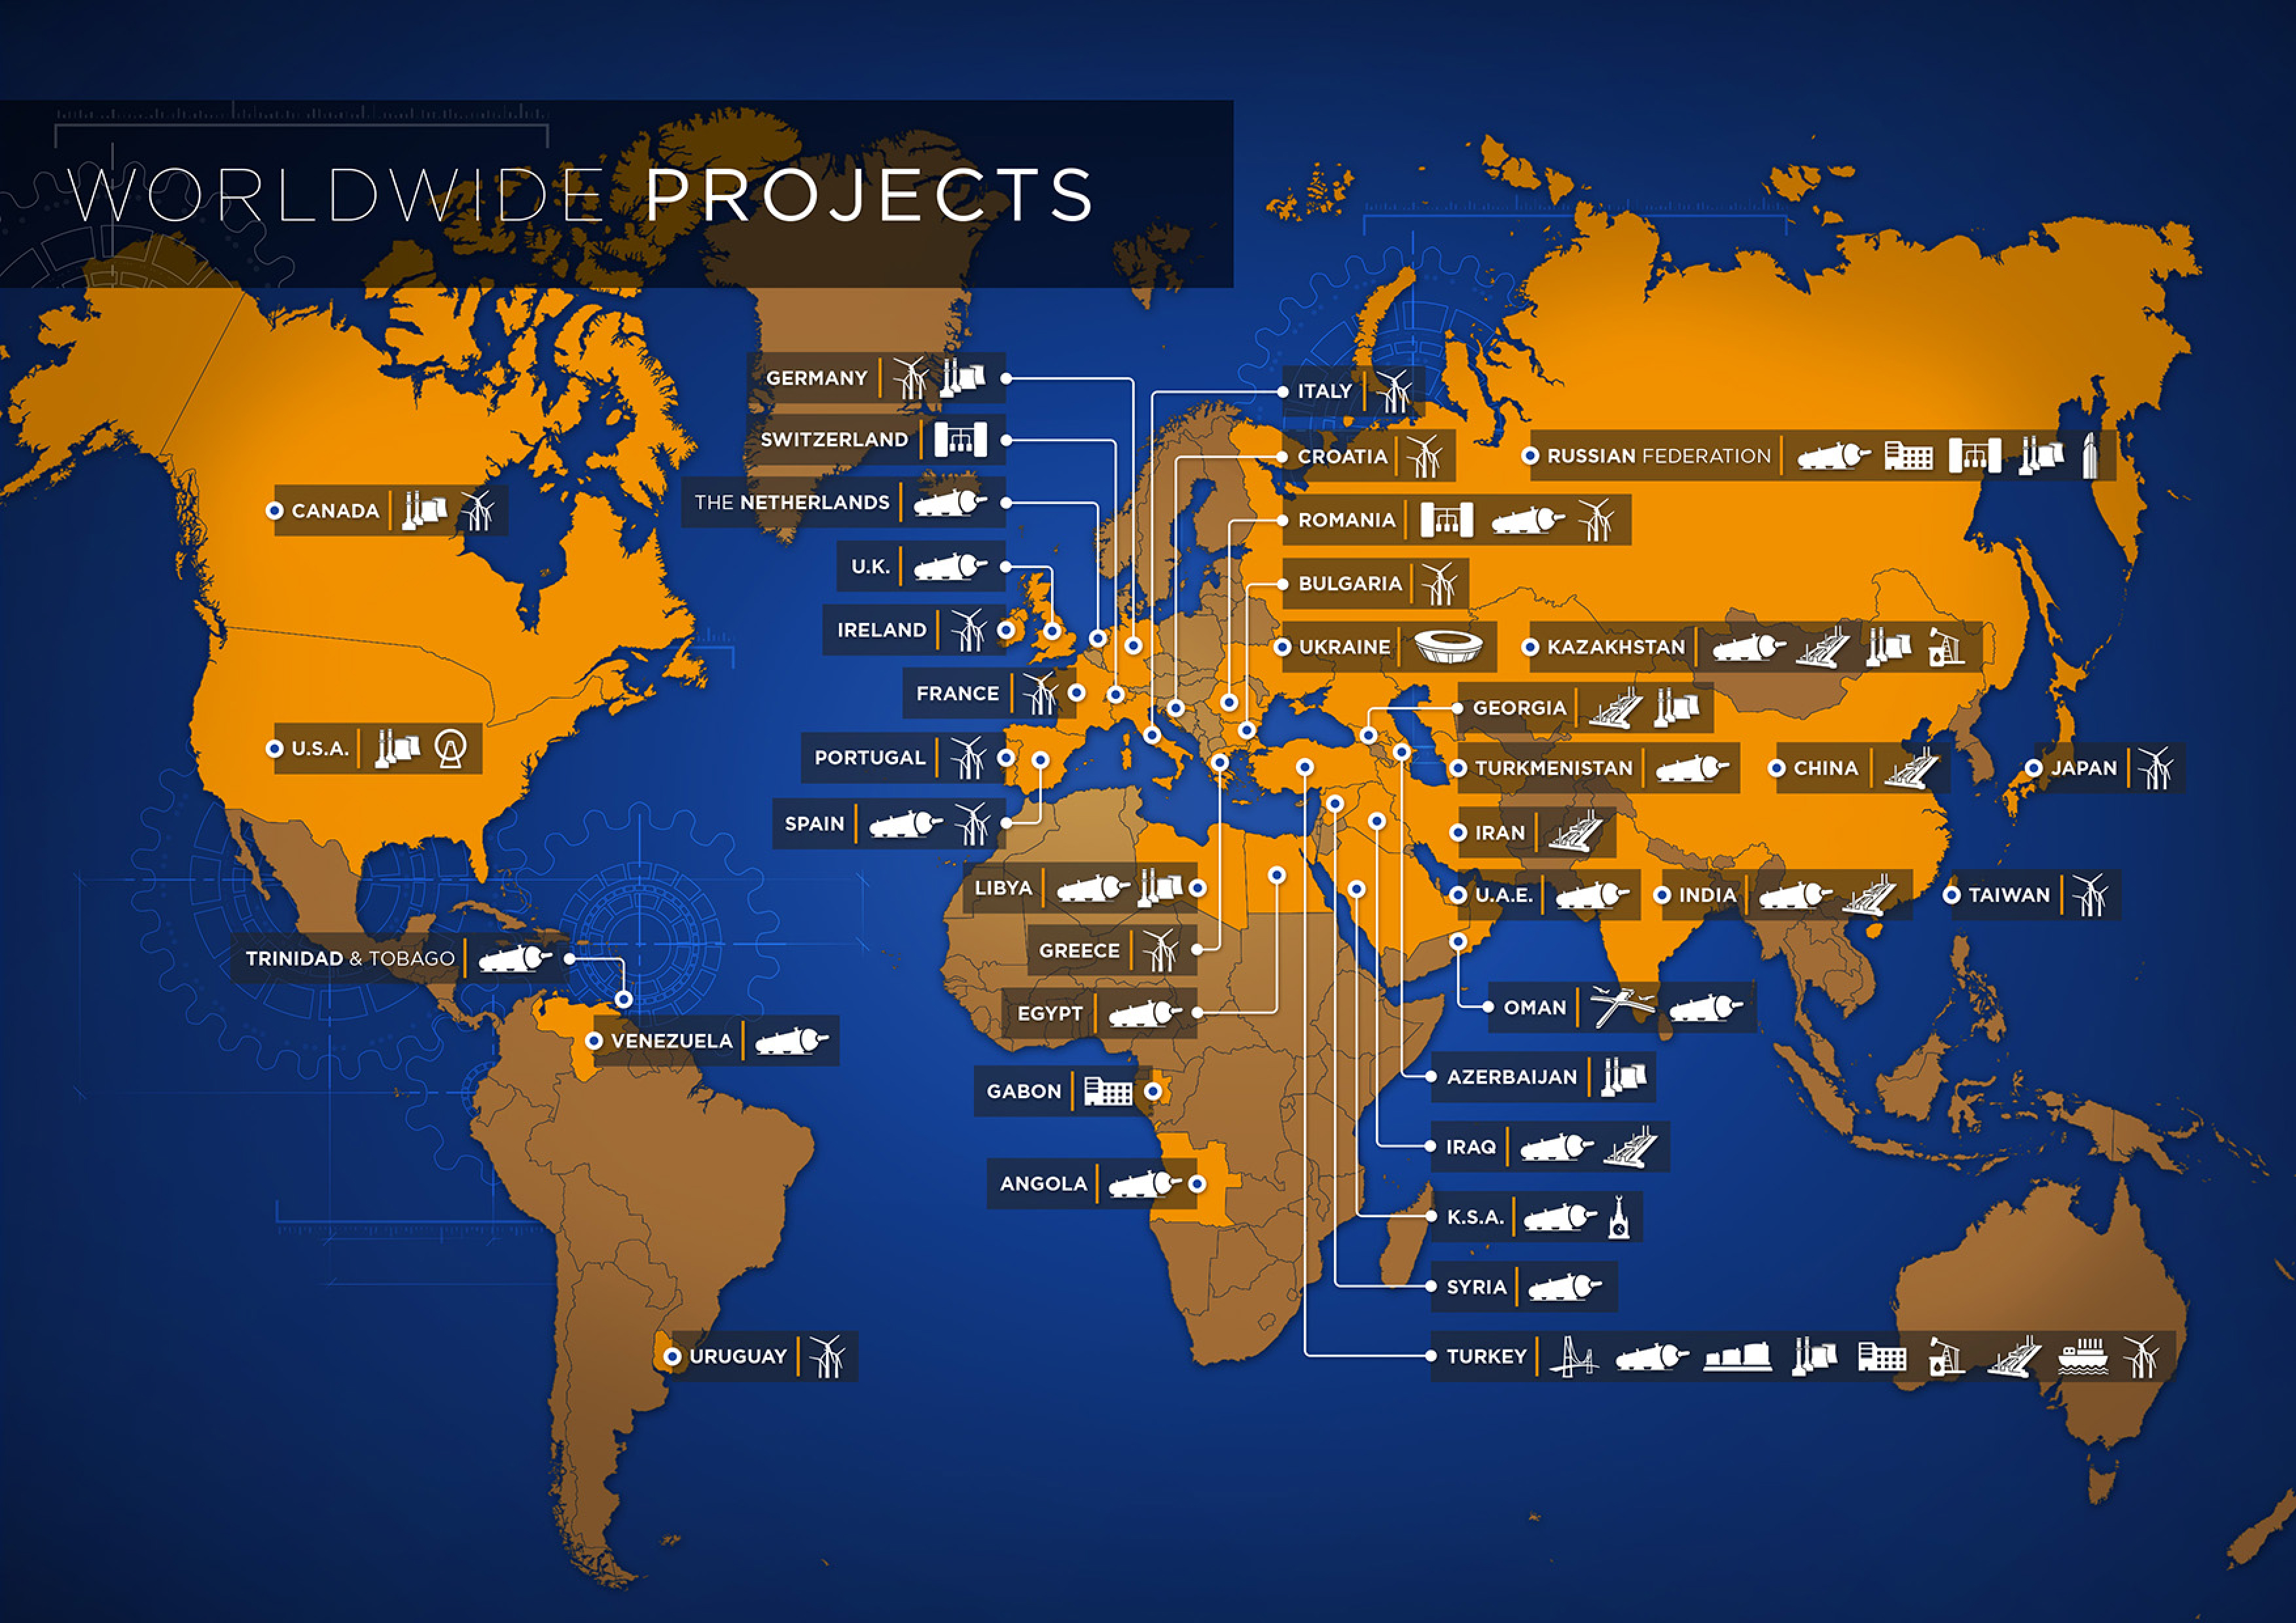 worldwide_projects